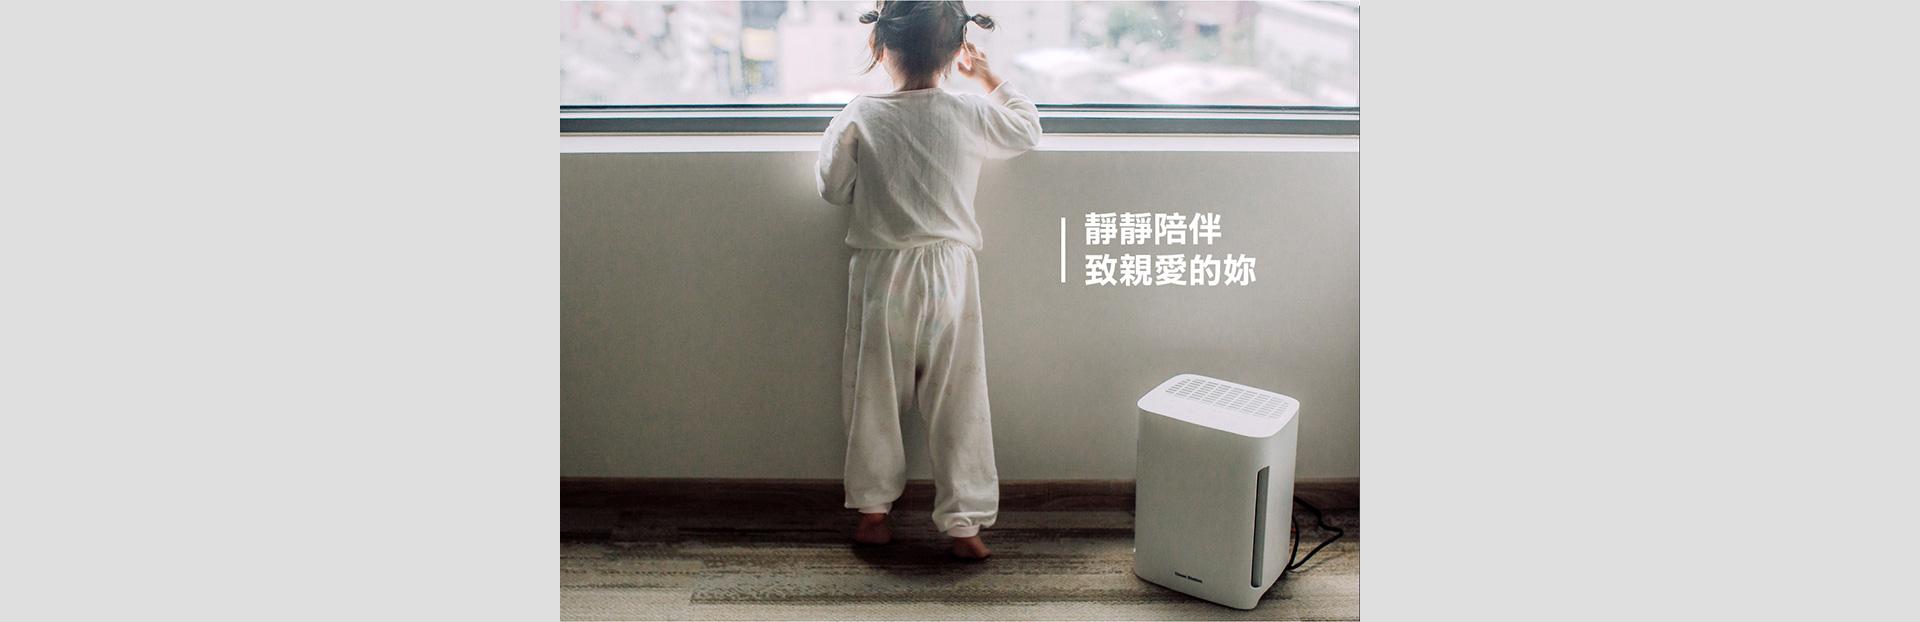 f101_14周年慶-Mobile版_20191104_V4_pc_12